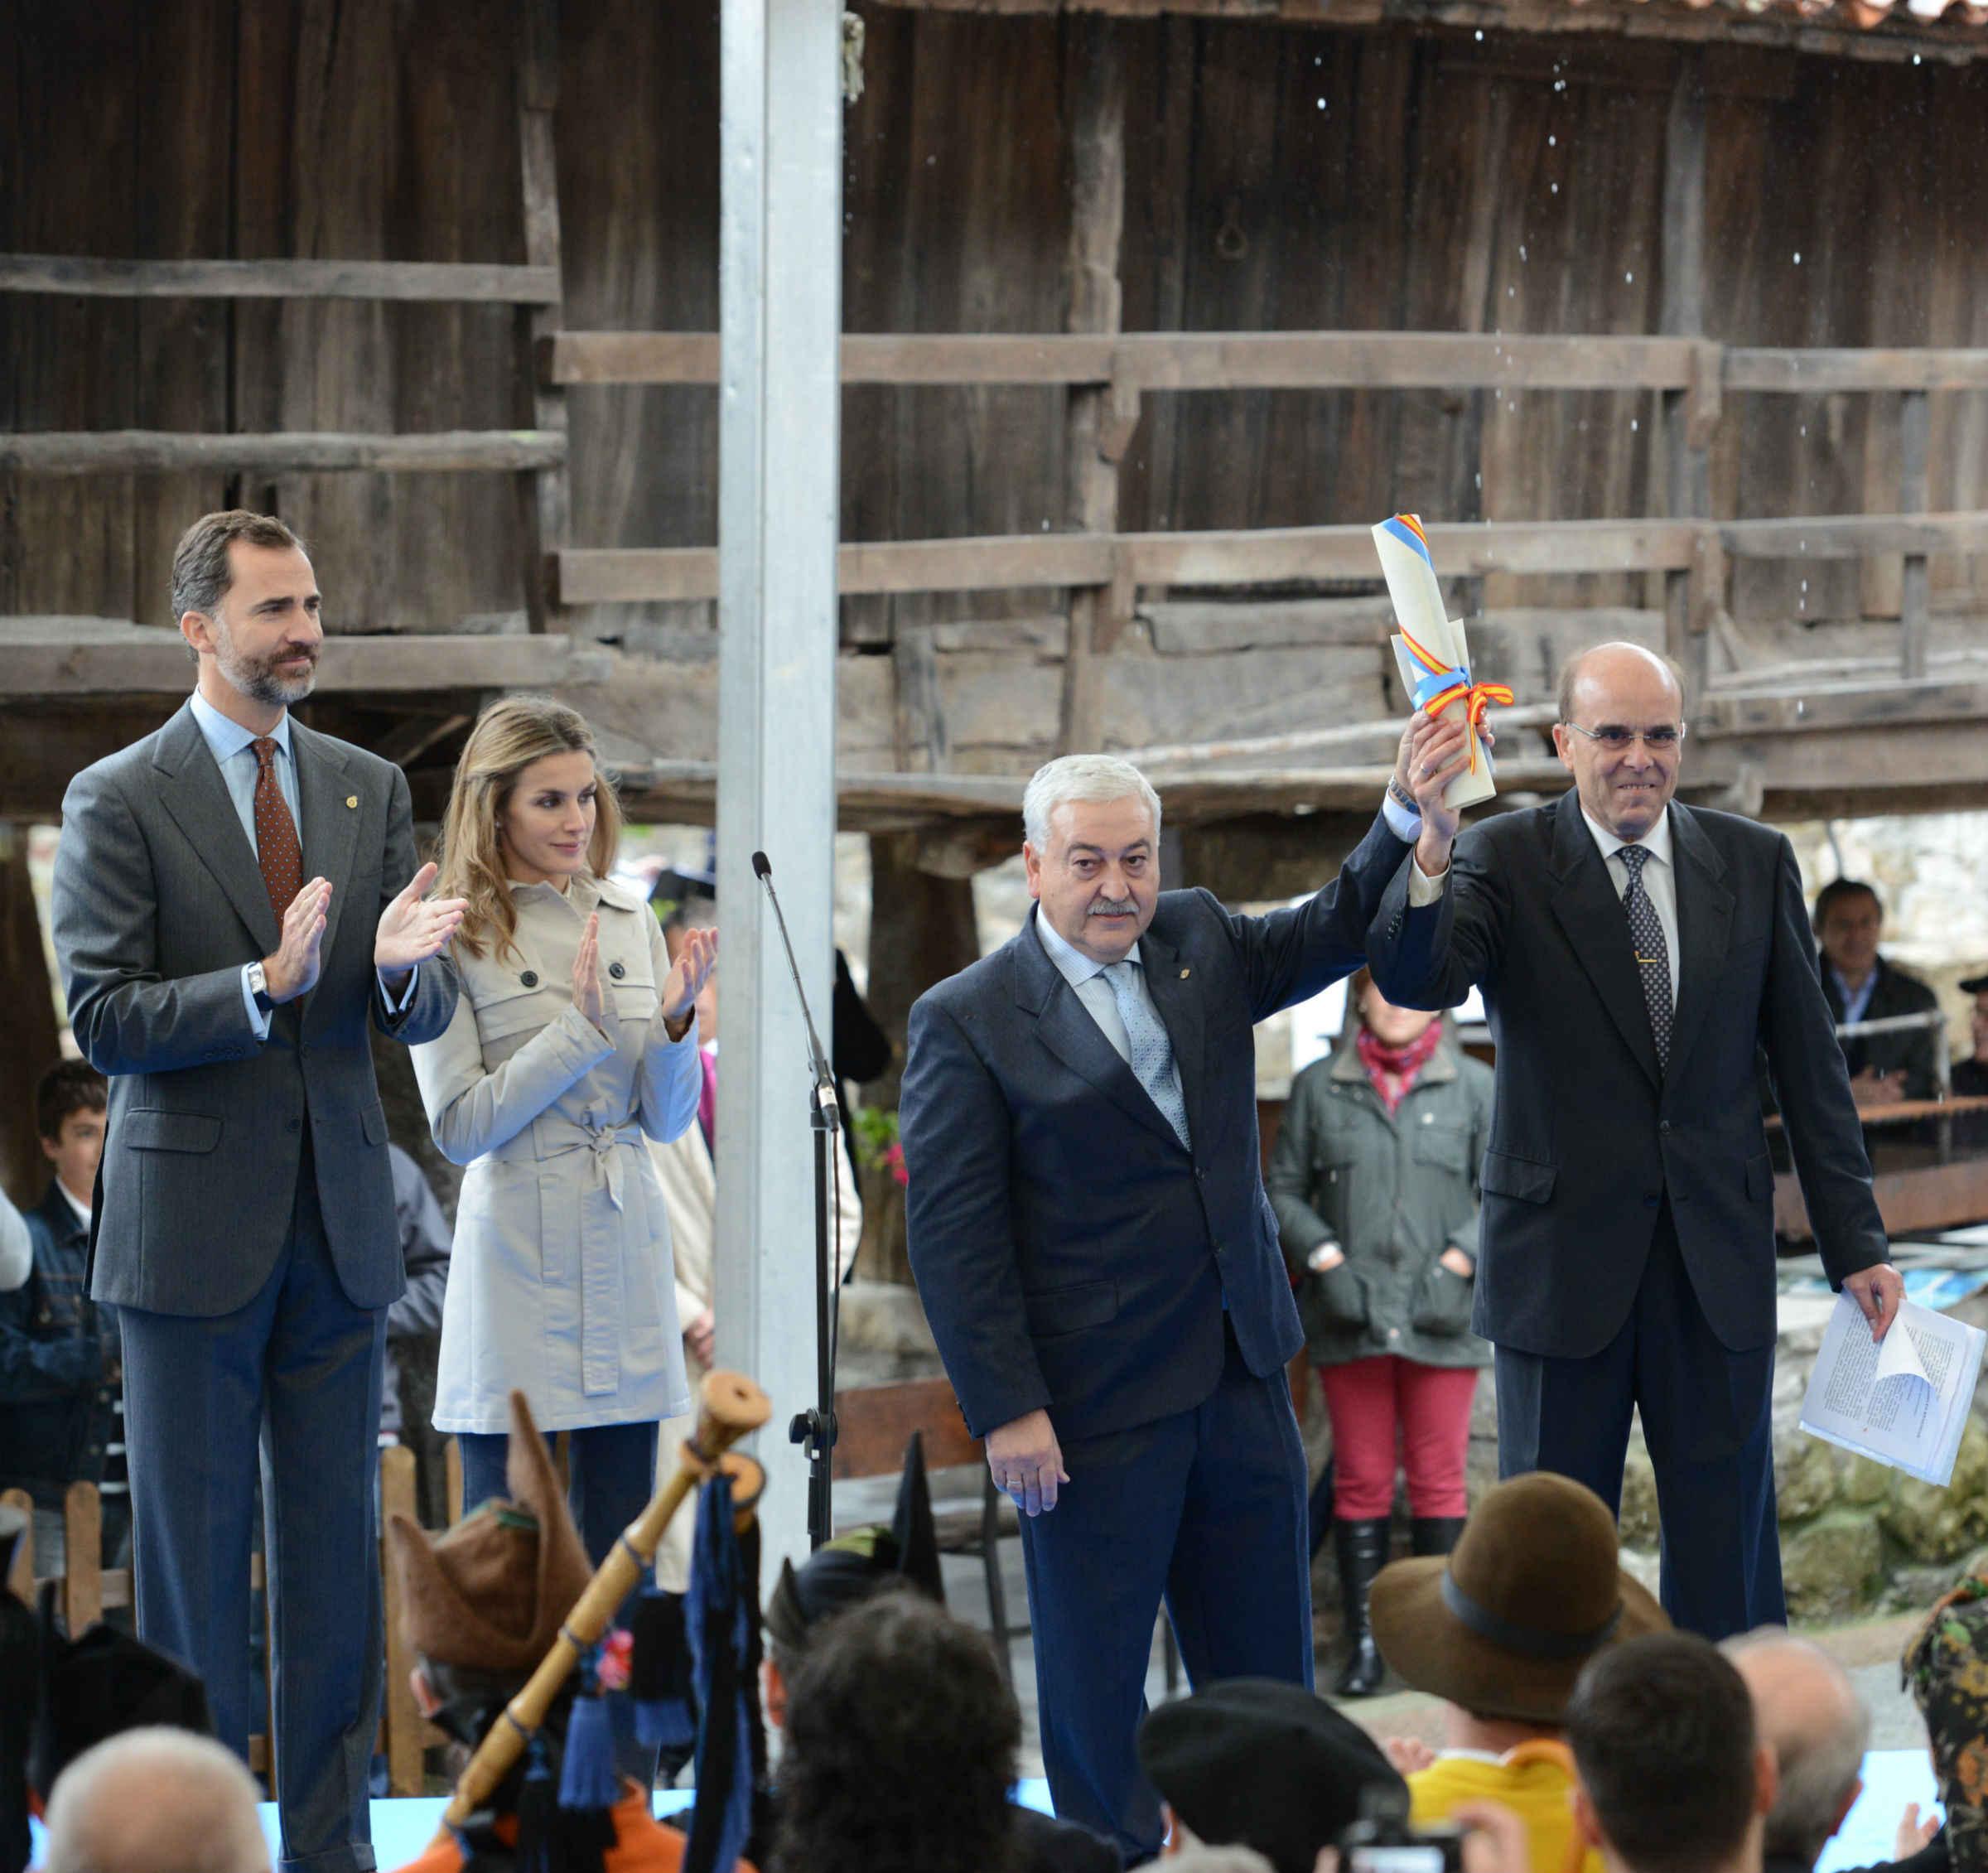 Bueño, Exemplary Town of Asturias Award